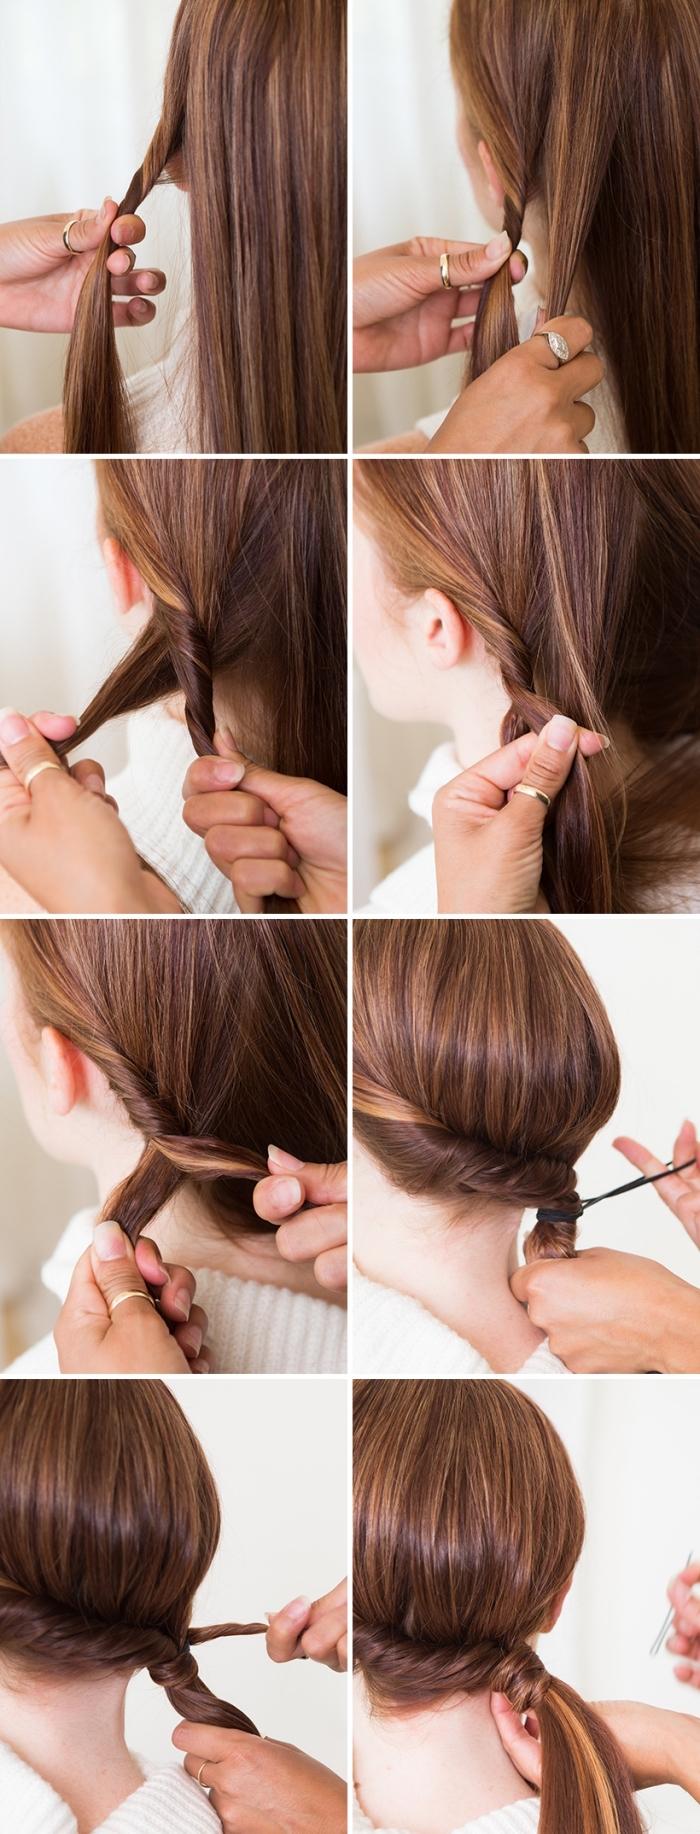 festliche frisuren lange haare, seitlicher pferdeschwanz binden, abendfrsiur selber machen